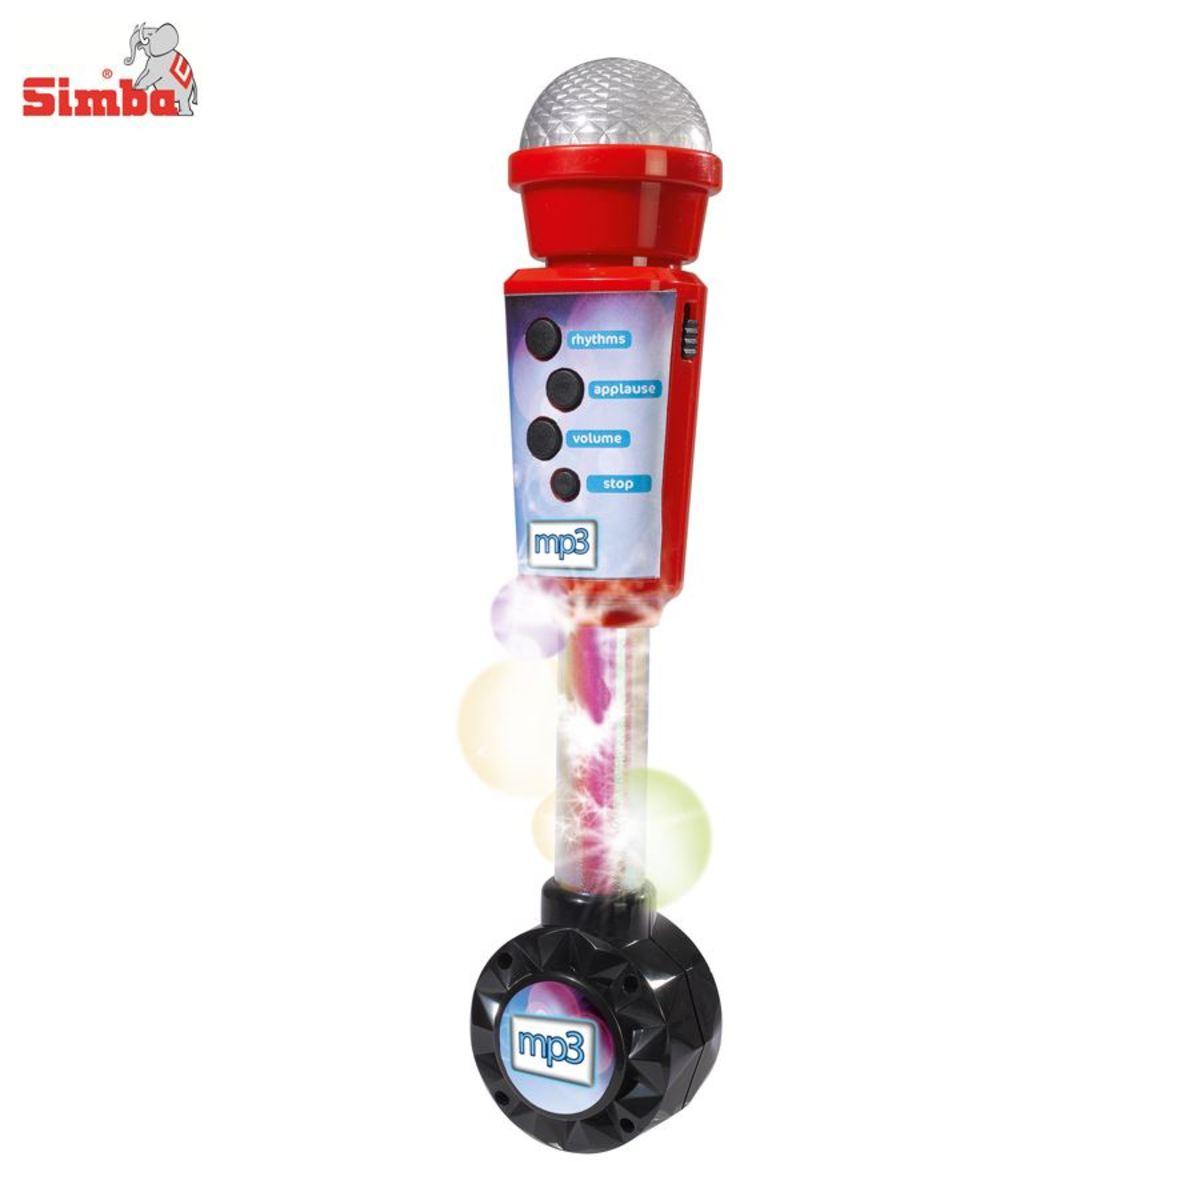 Bild 1 von Simba My Music World I-Single-Mikrofon